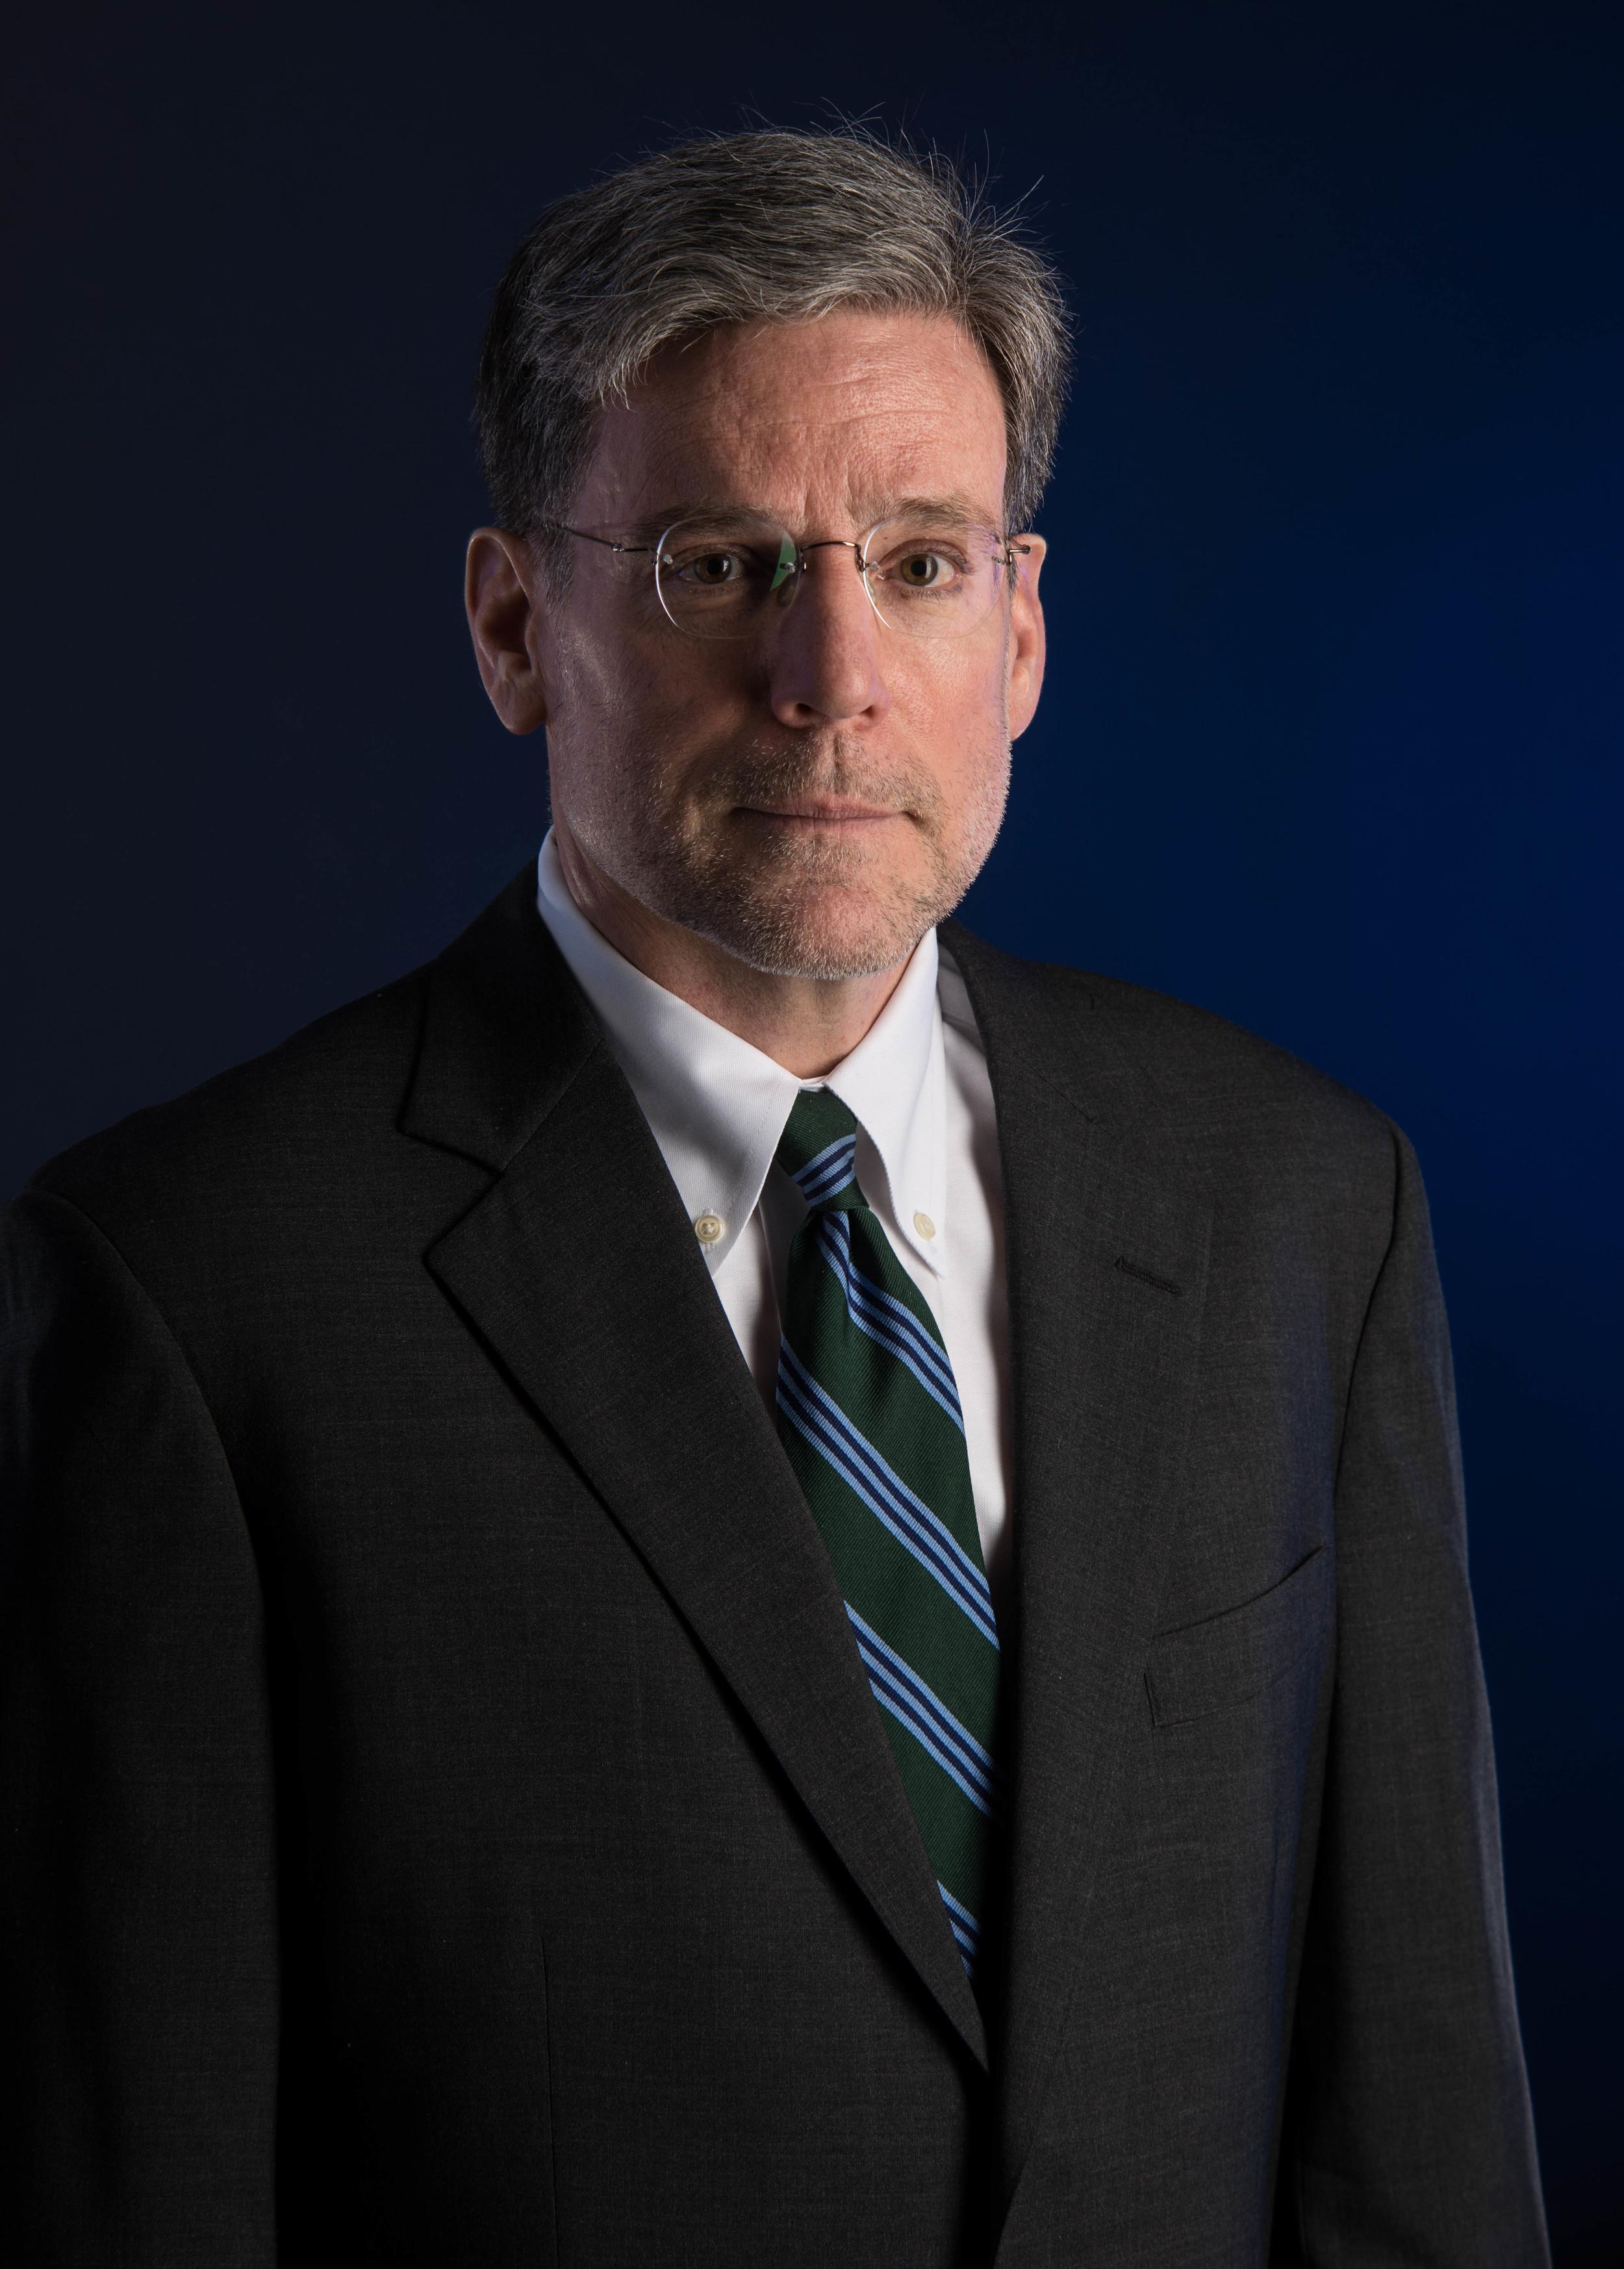 John A. Detzner